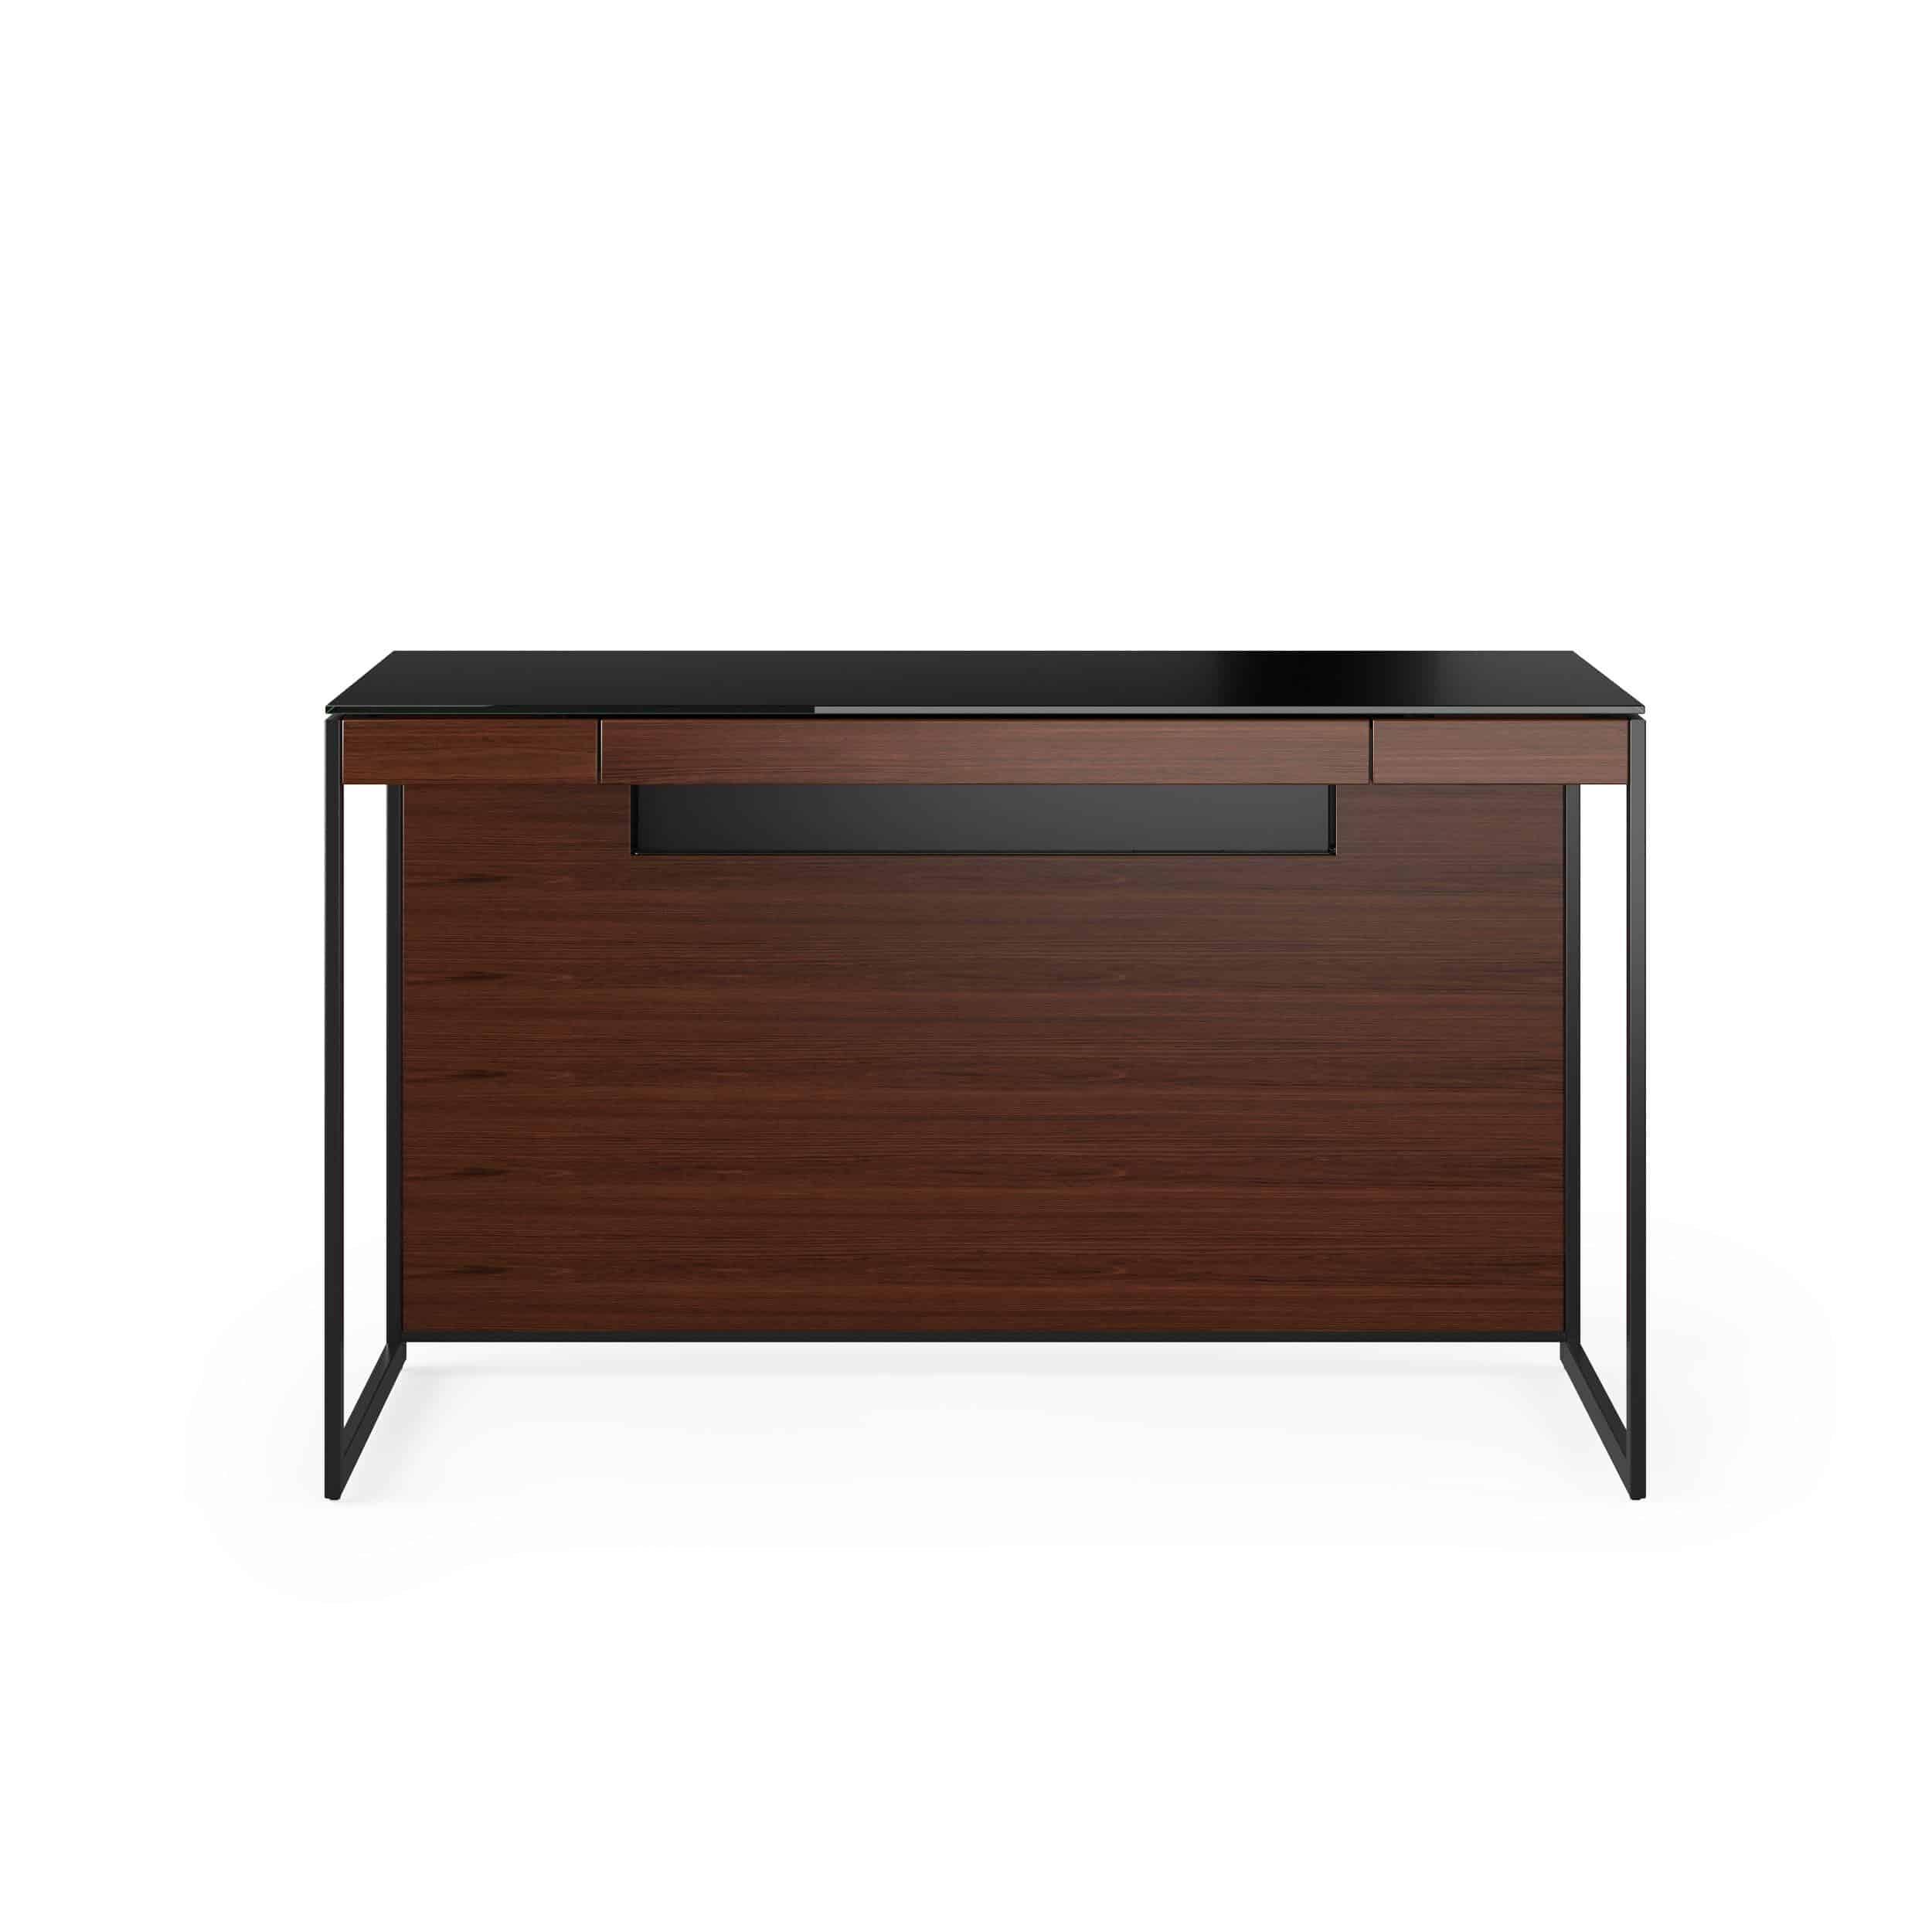 Sequel 20 Compact Desk CWL